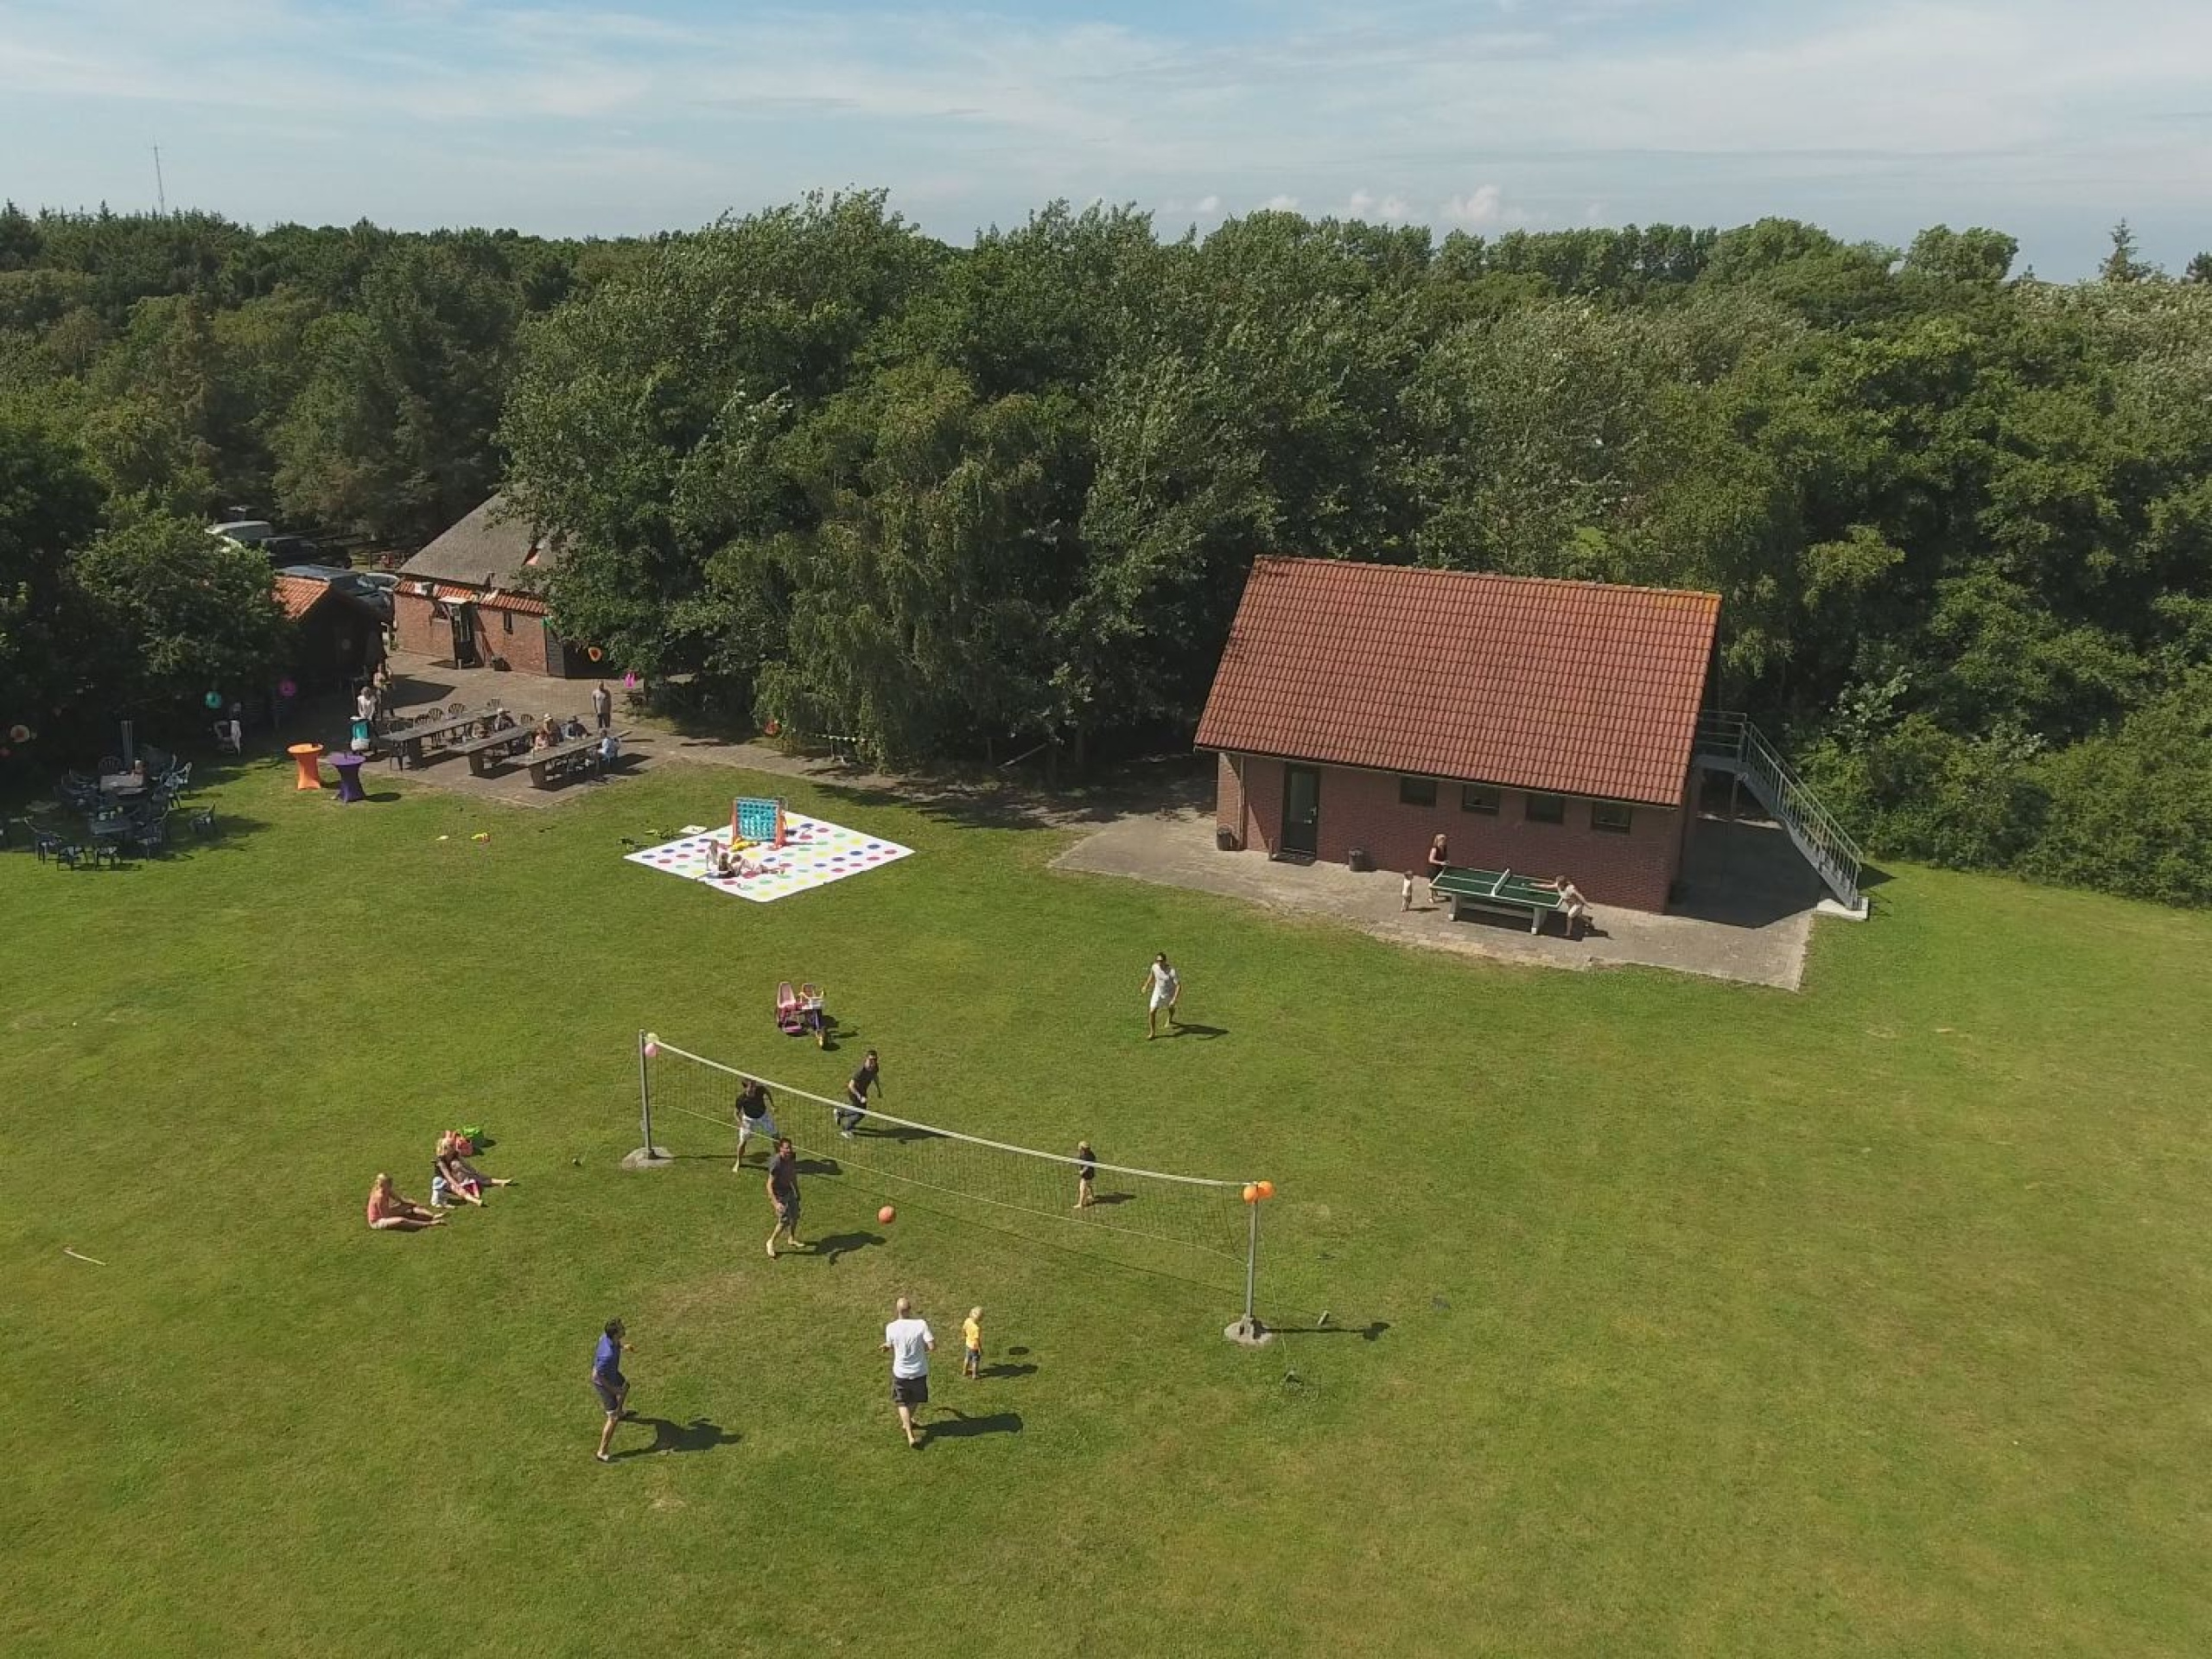 Atmosphärische Gruppenunterkunft mit großem Feld in De Koog.